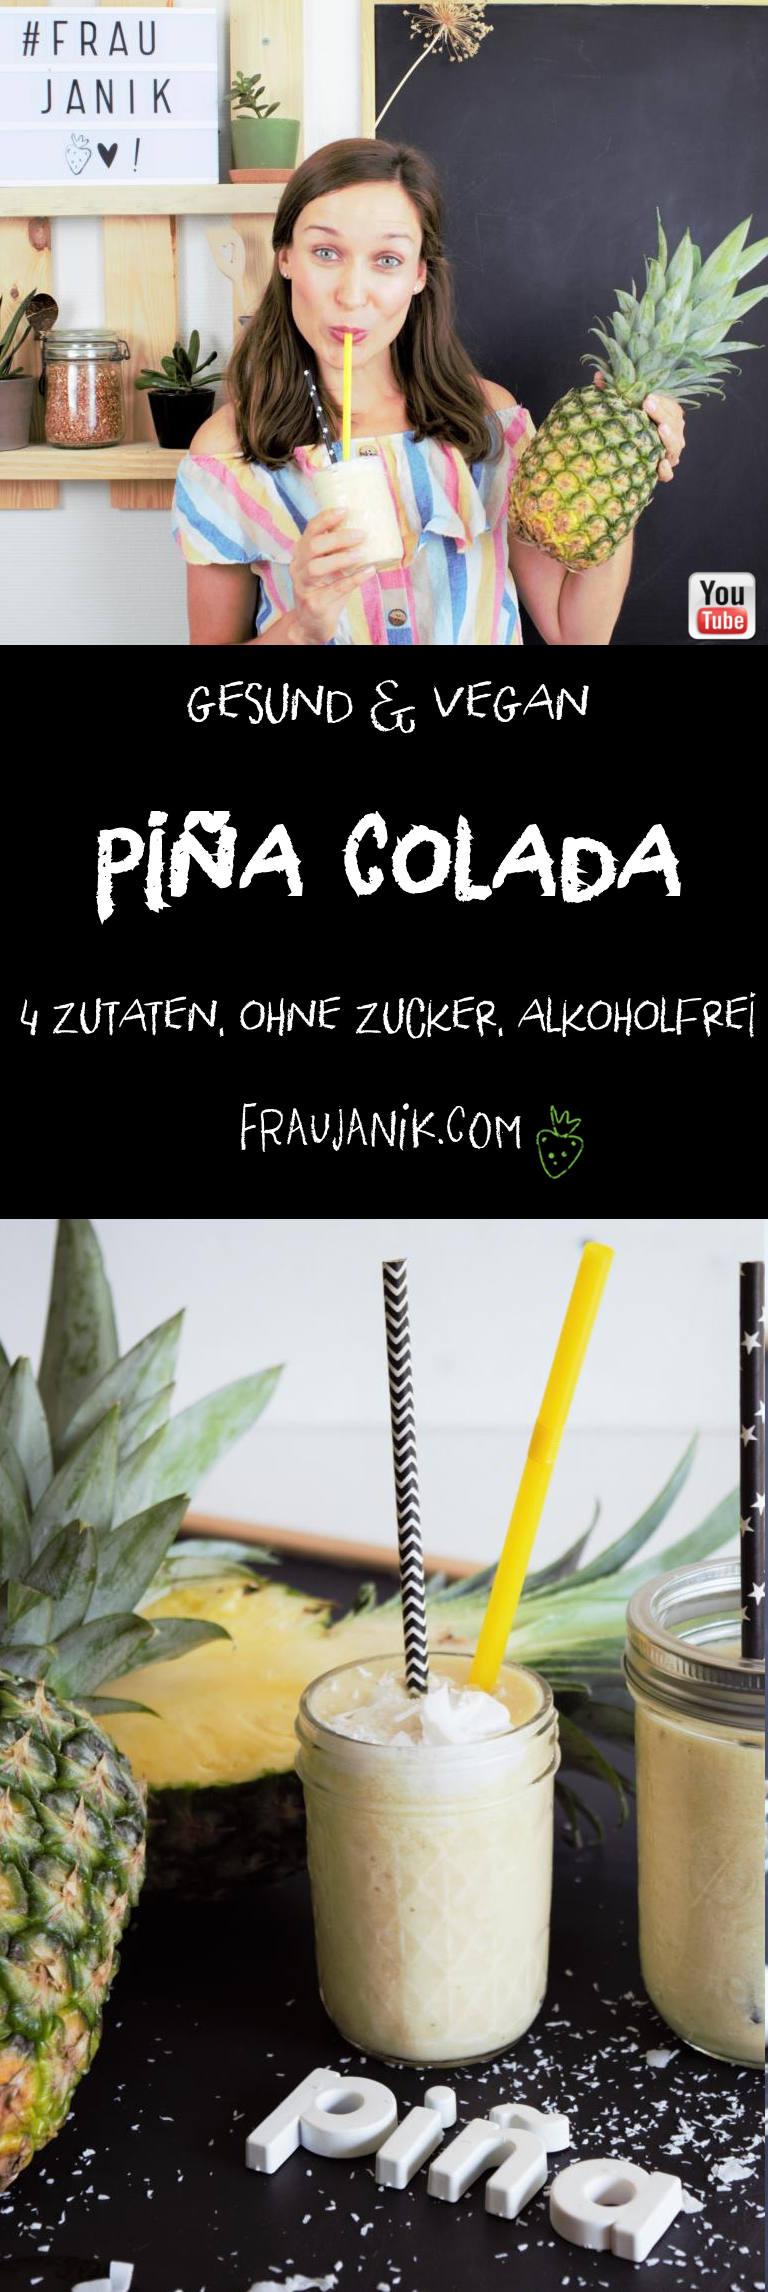 Pina Colada vegan